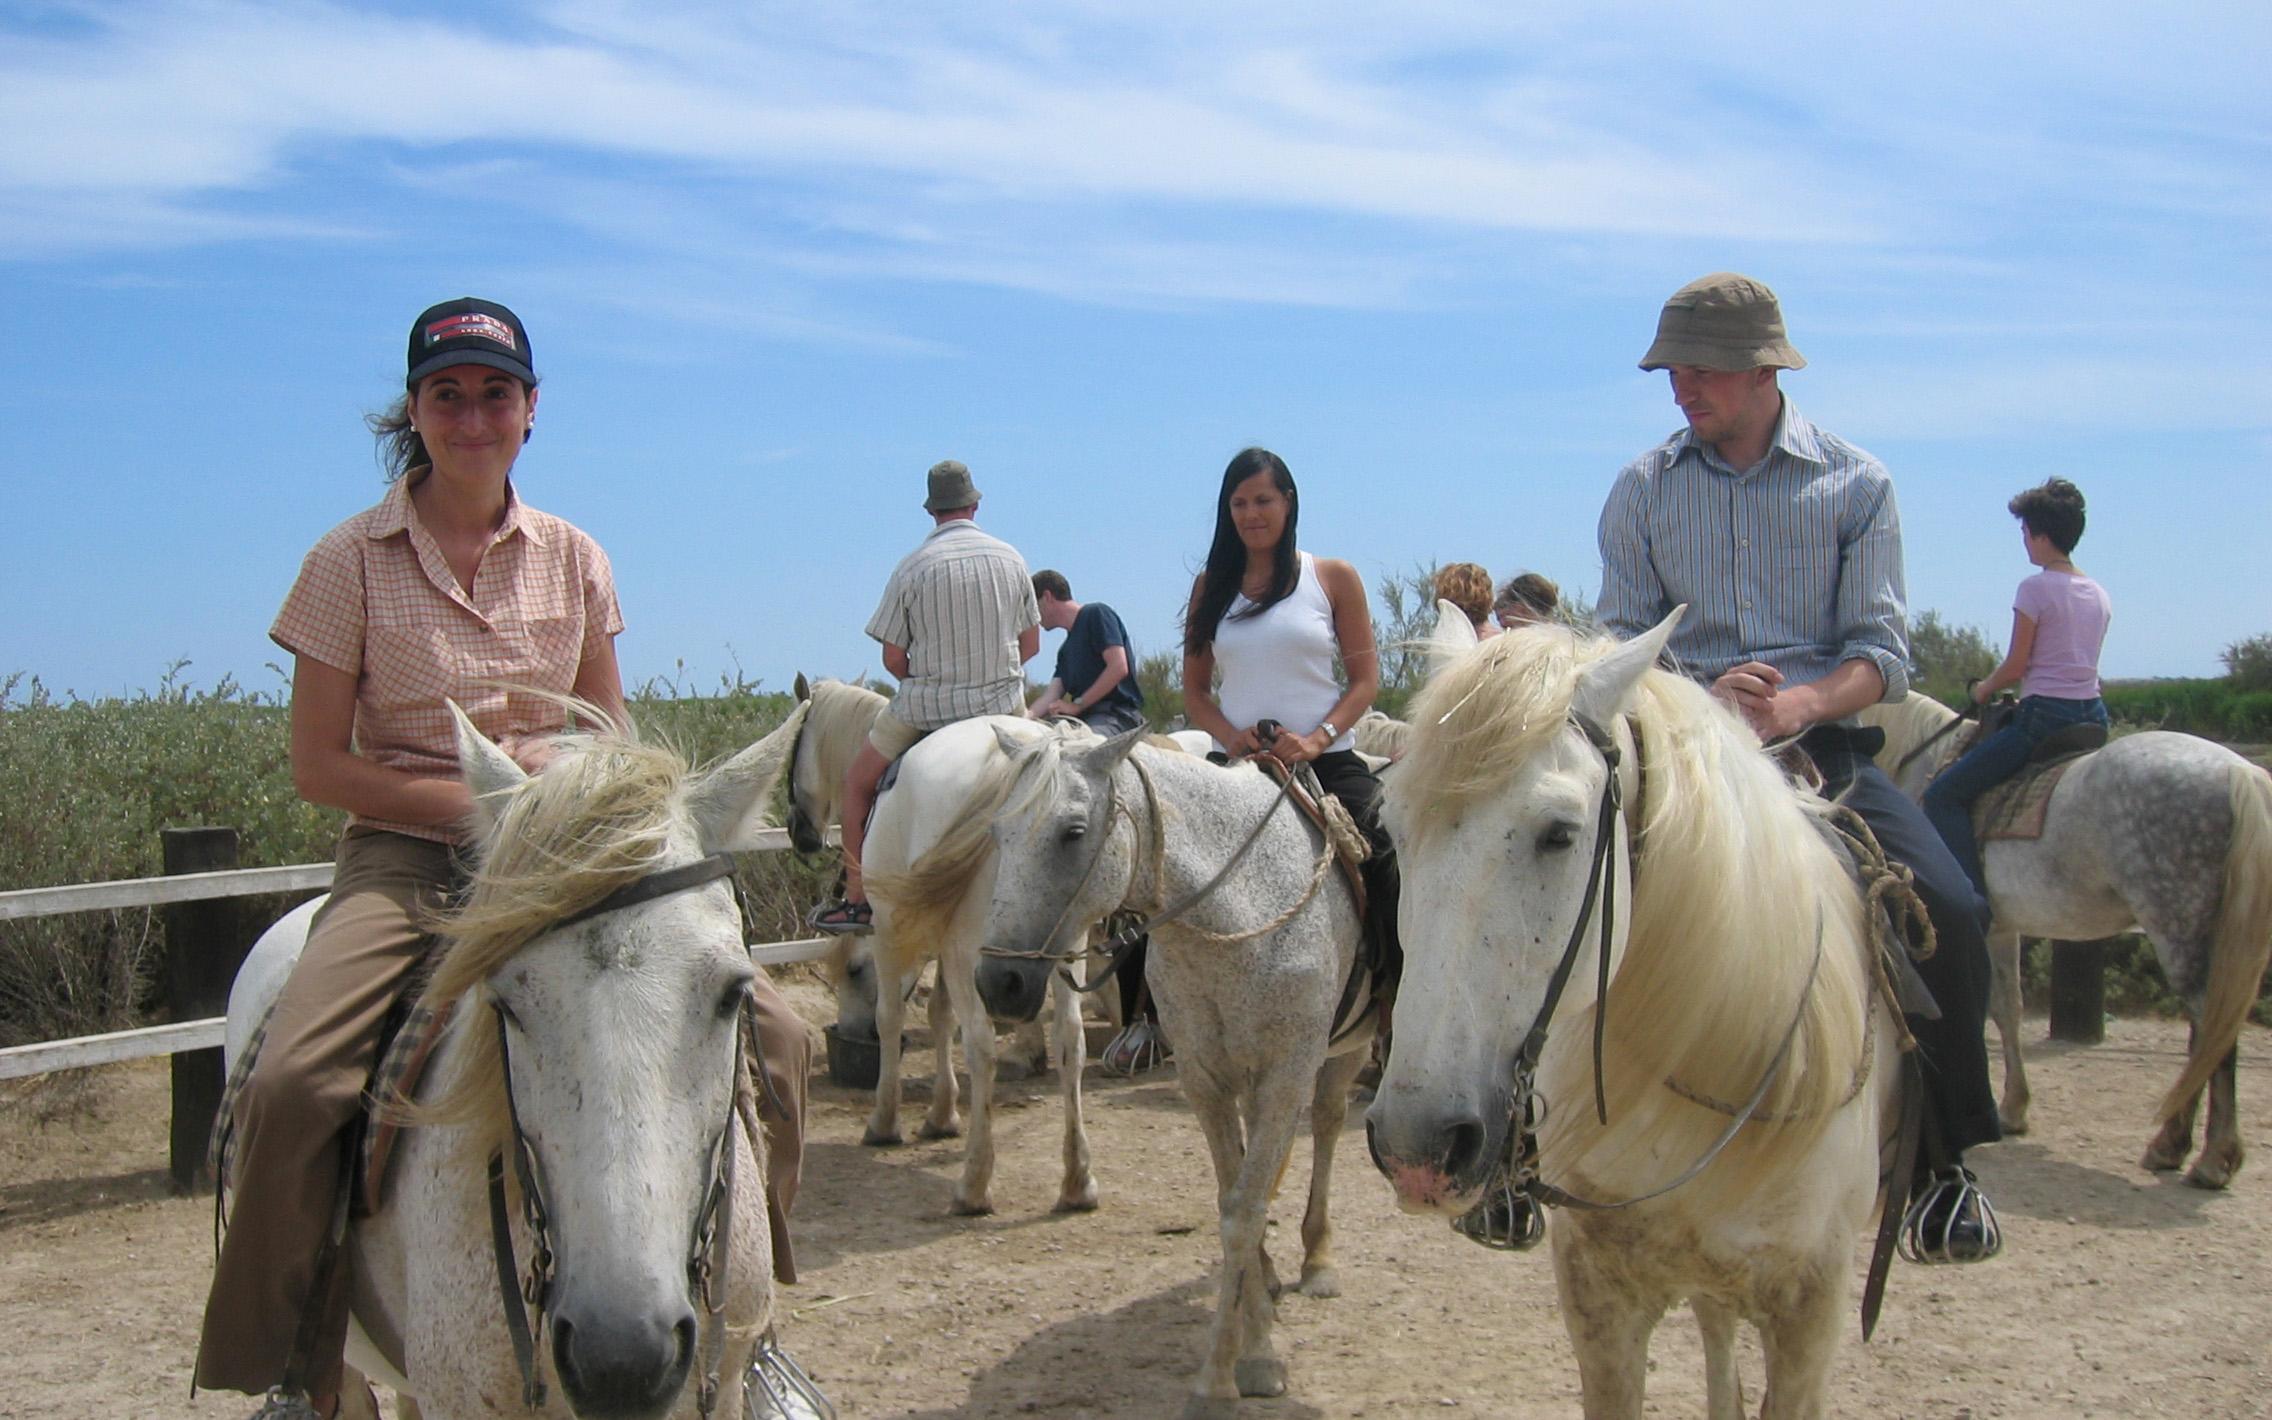 horse-back-riding-camargue-quality拷貝